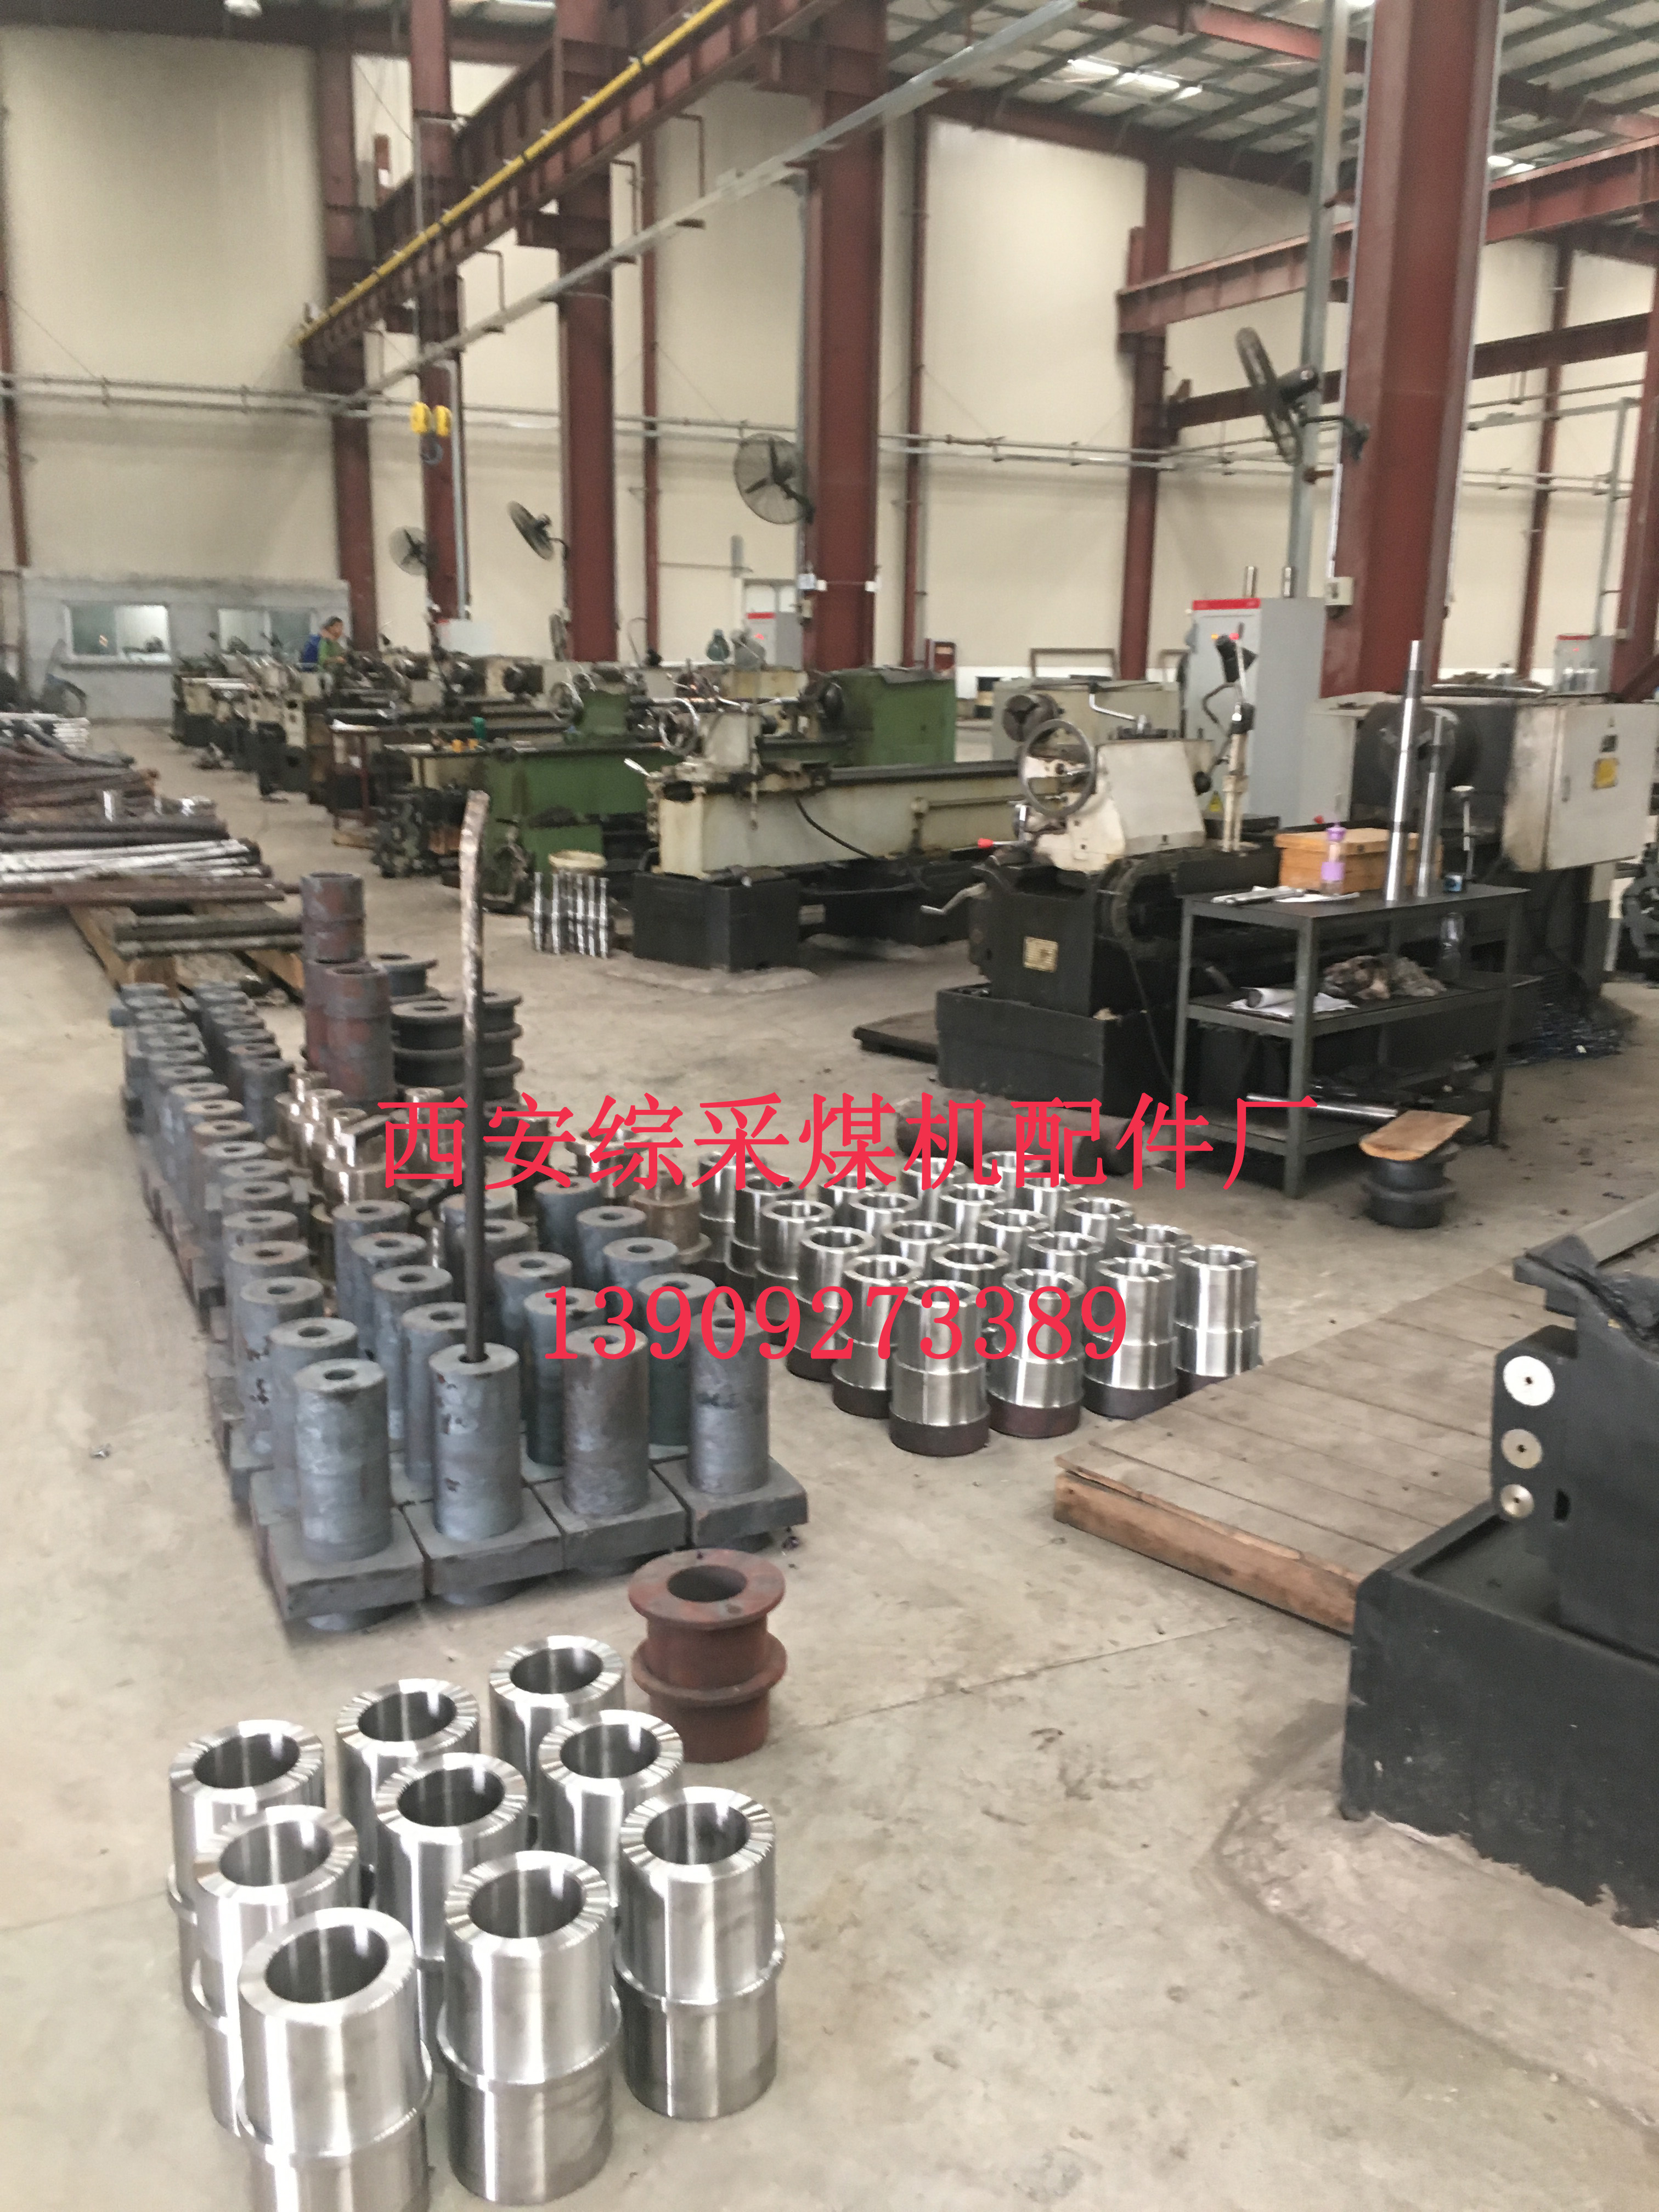 艾柯夫煤机配件 生产艾柯夫煤机配件 艾柯夫煤机配套件 艾柯夫煤机国产配件